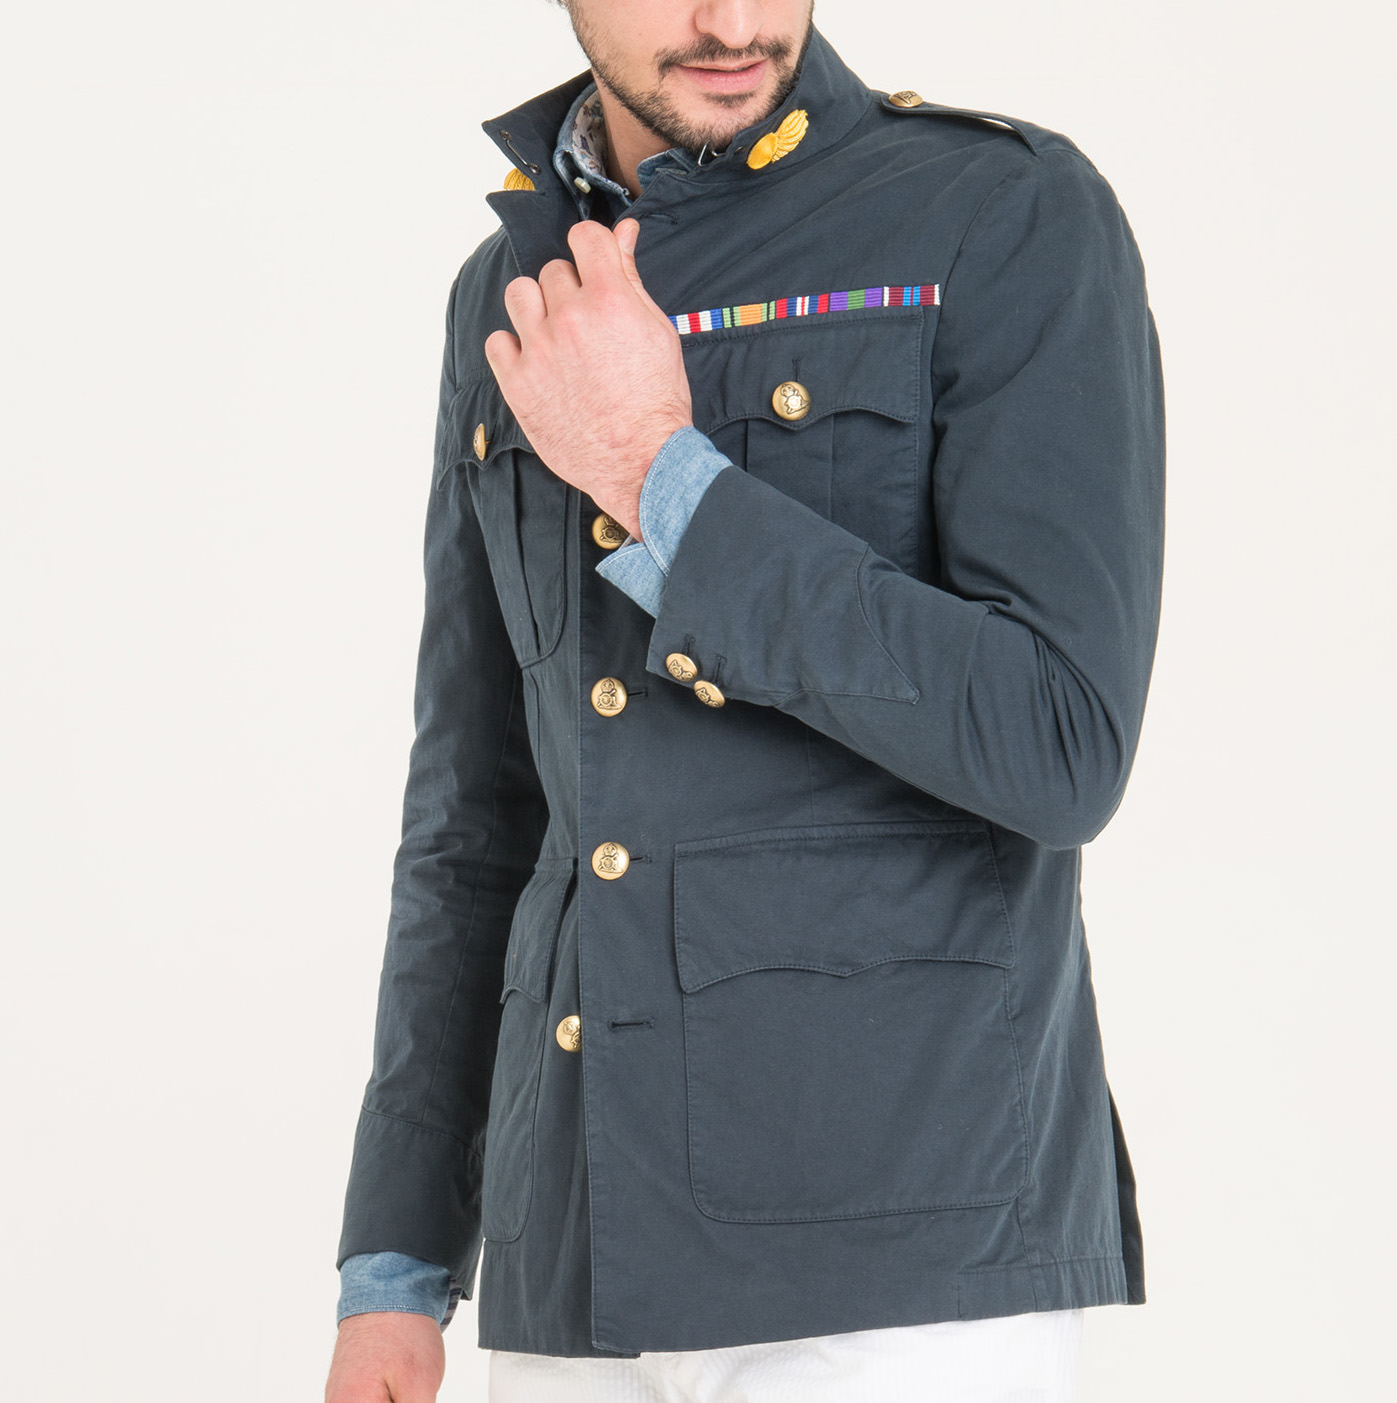 veste lieutenant daniel cremieux